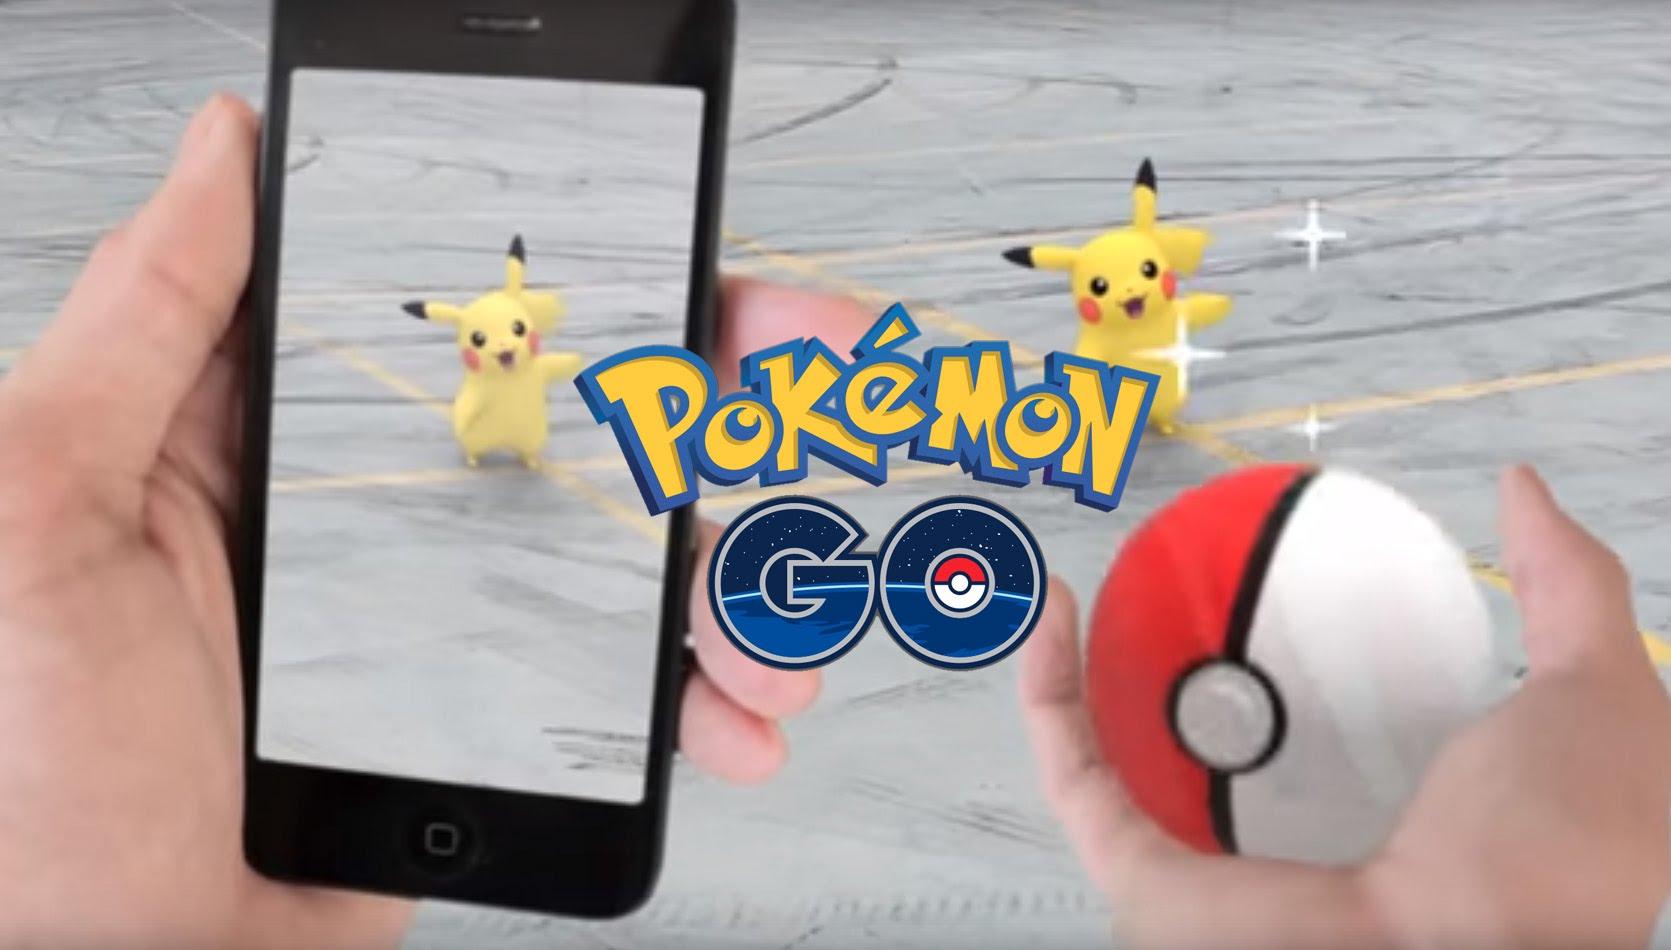 The Pokémon Go Phenomenon_Image 0